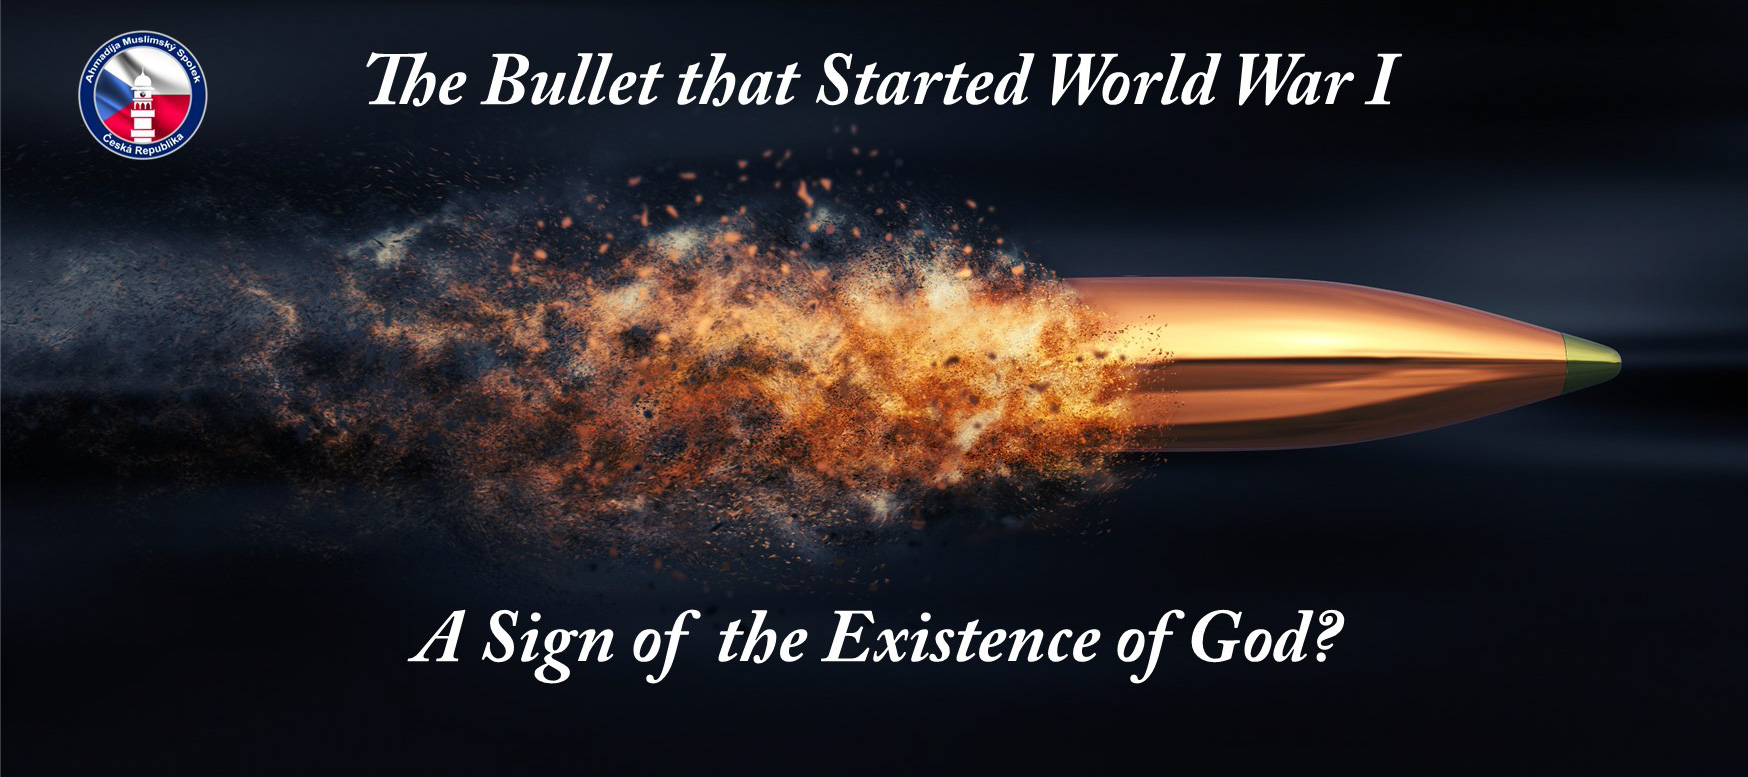 Kulka, která zahájila první světovou válku: Známka Existence Boha